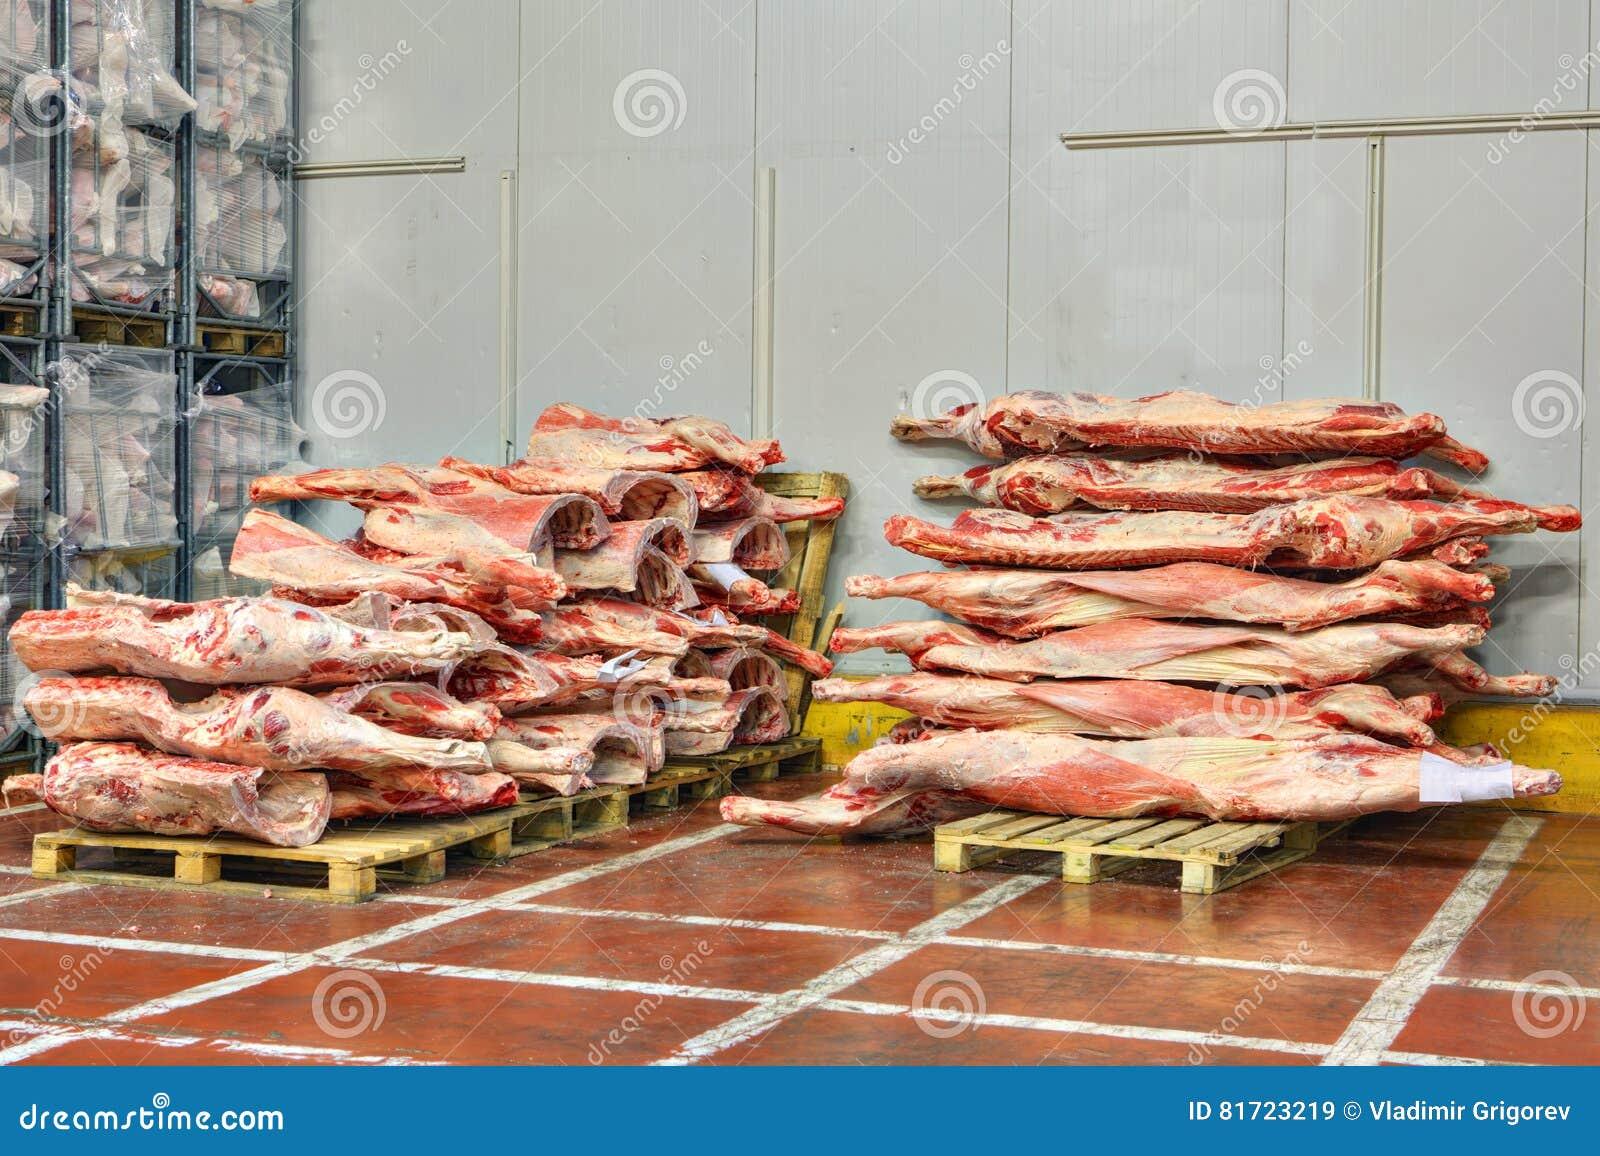 De bevroren rundvleeskarkassen worden gestapeld op pallets voor koude opslag